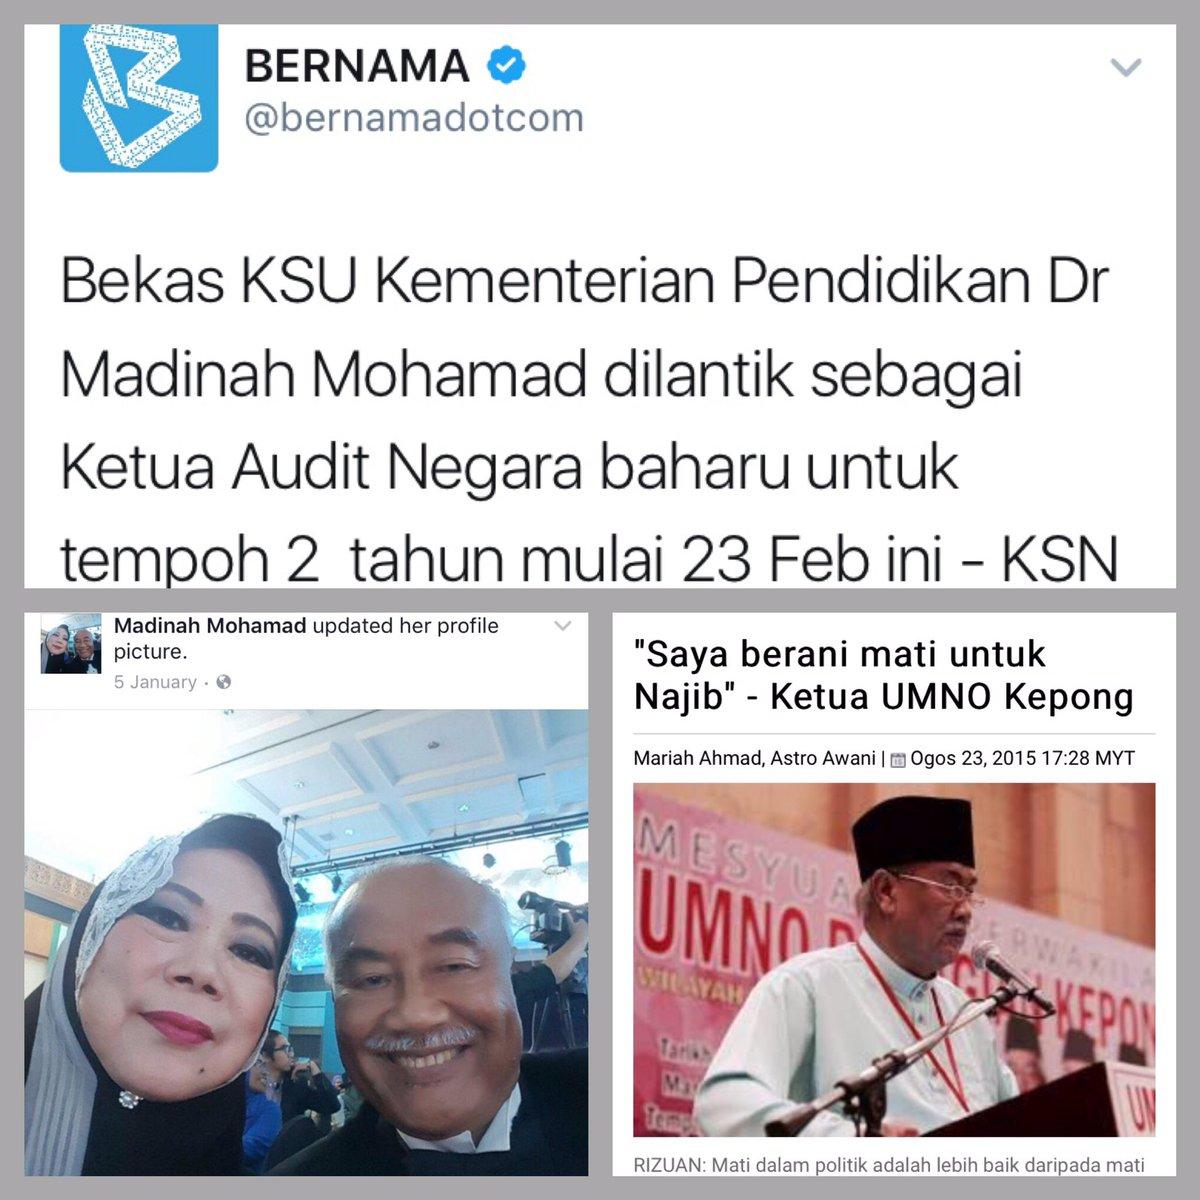 """Suami """"berani mati untuk Najib"""". Isteri bakal jadi Ketua Audit Negara. https://t.co/xKUmnFZiUa"""